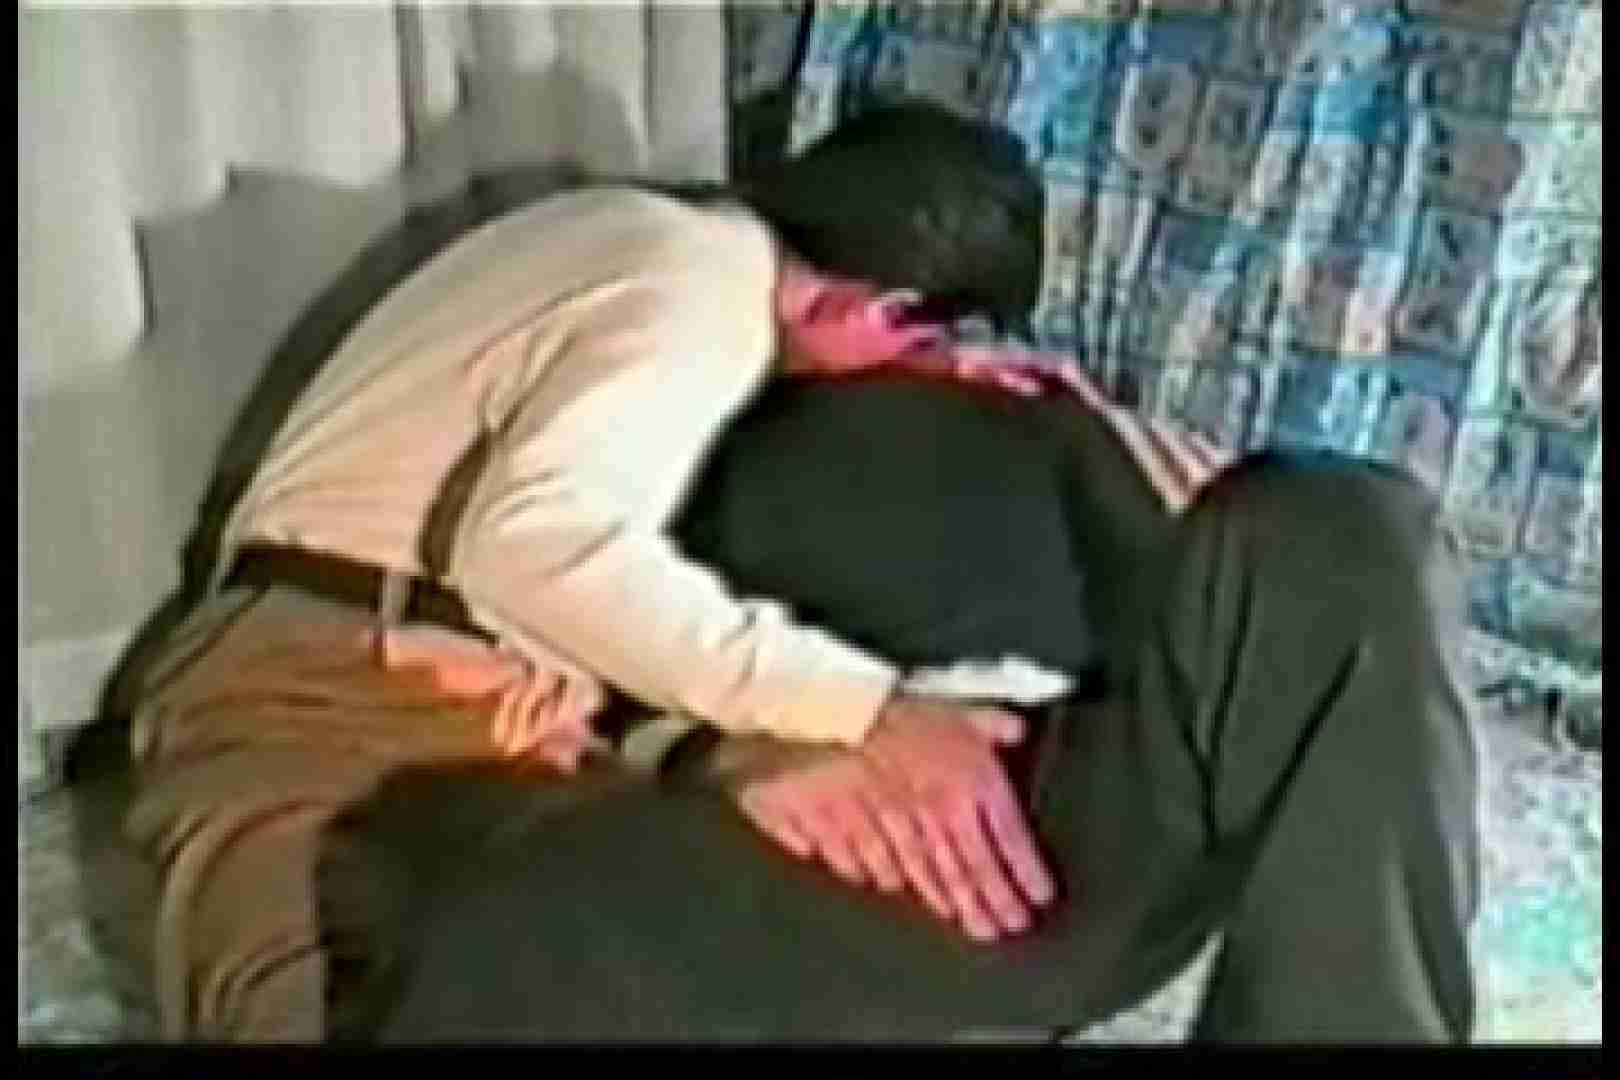 【流出投稿】若きあの頃の思ひでSEX! キスするメンズ ゲイSEX画像 94画像 51